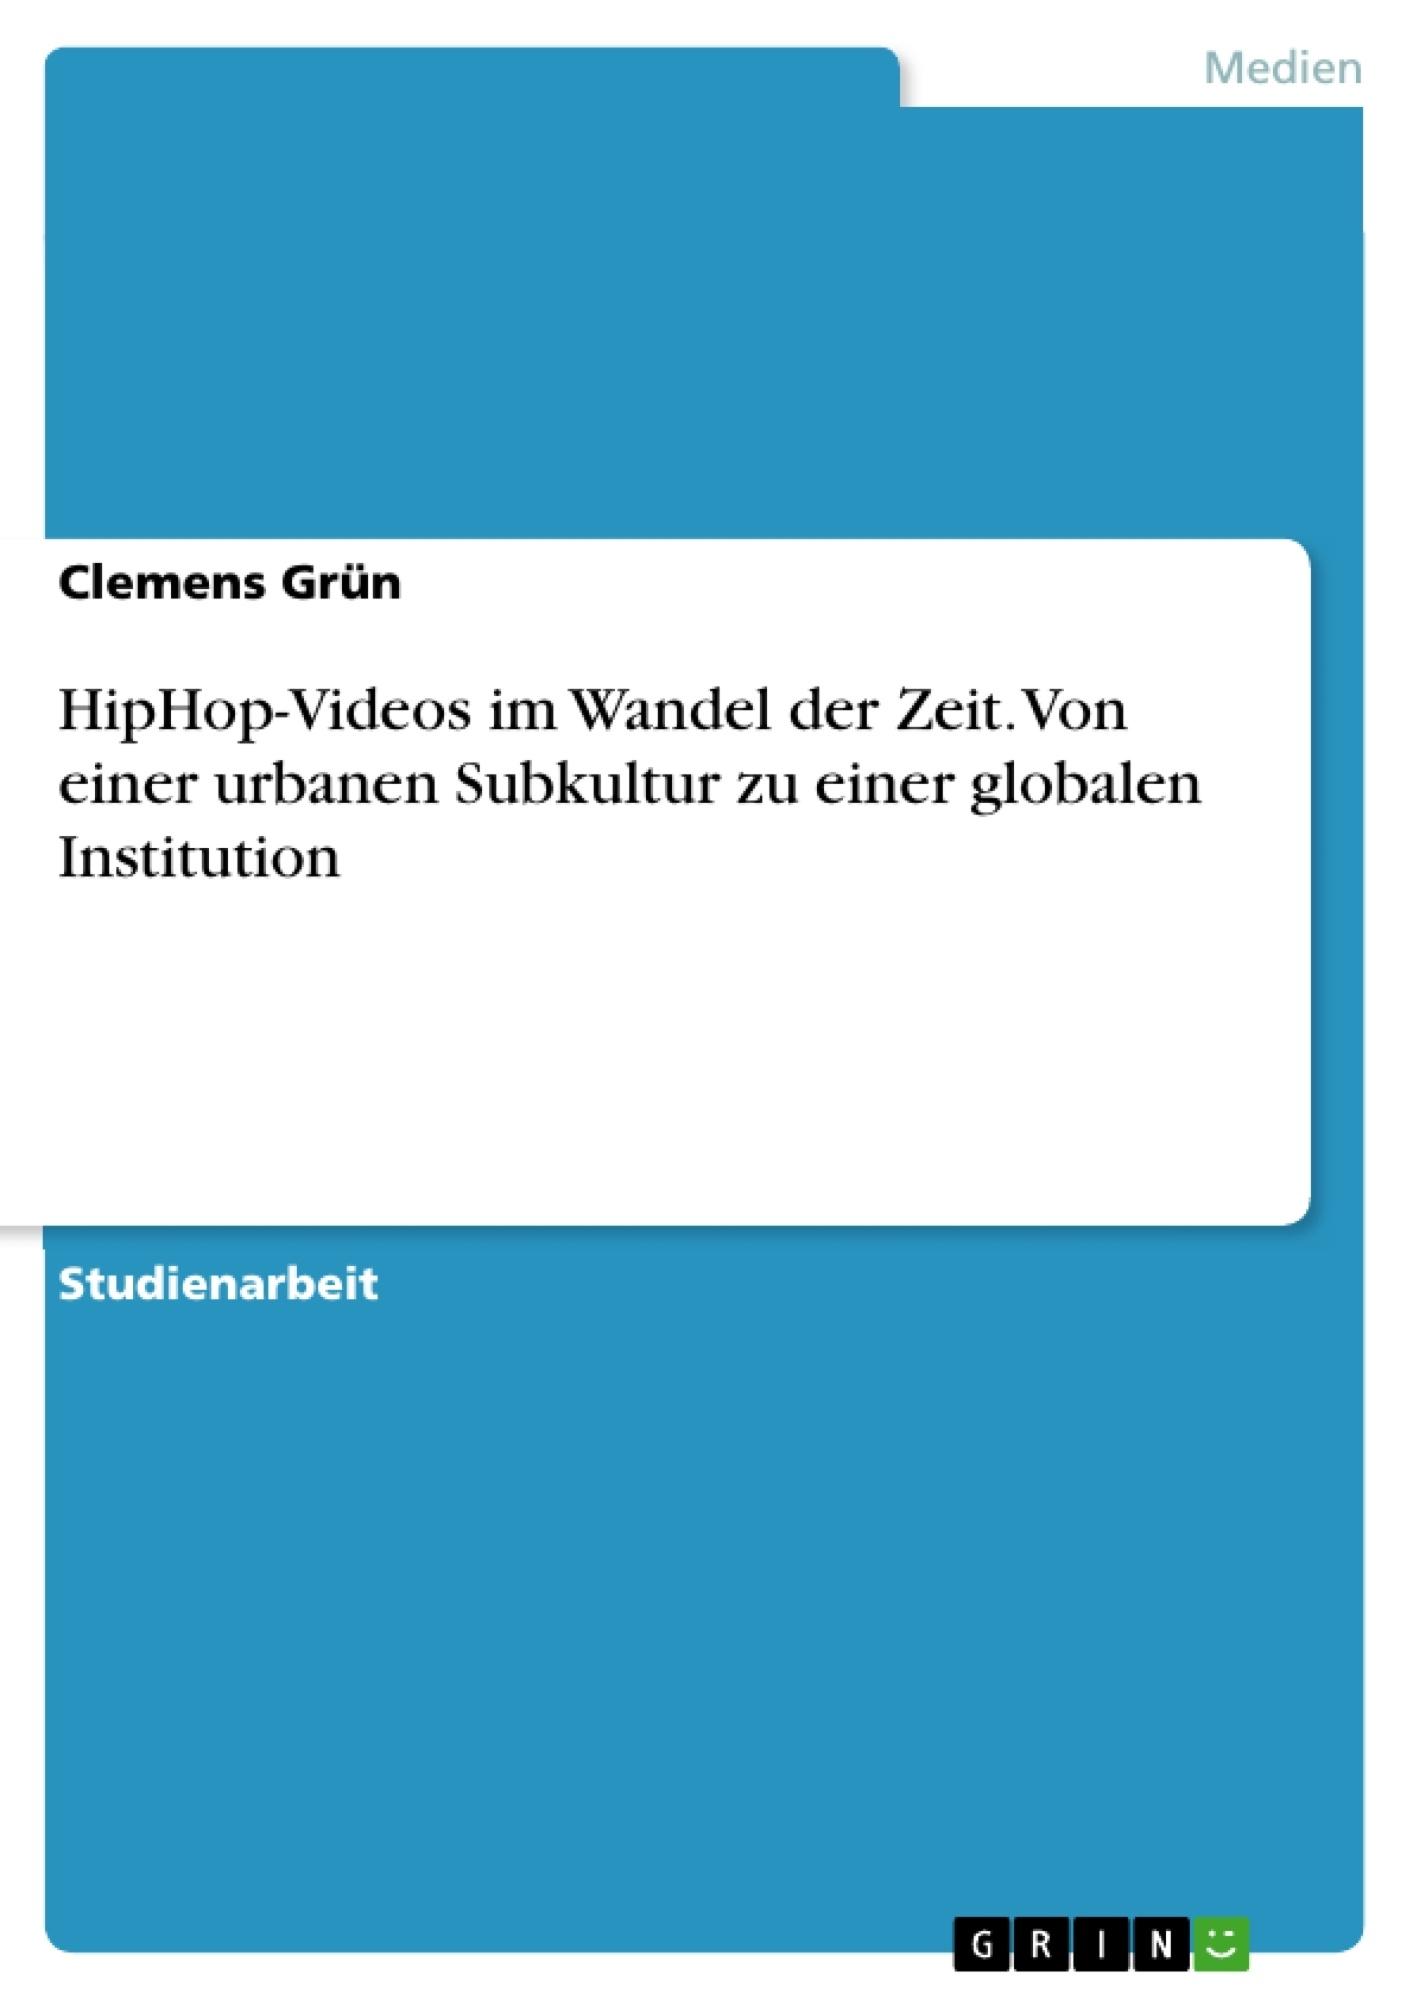 Titel: HipHop-Videos im Wandel der Zeit. Von einer urbanen Subkultur zu einer globalen Institution